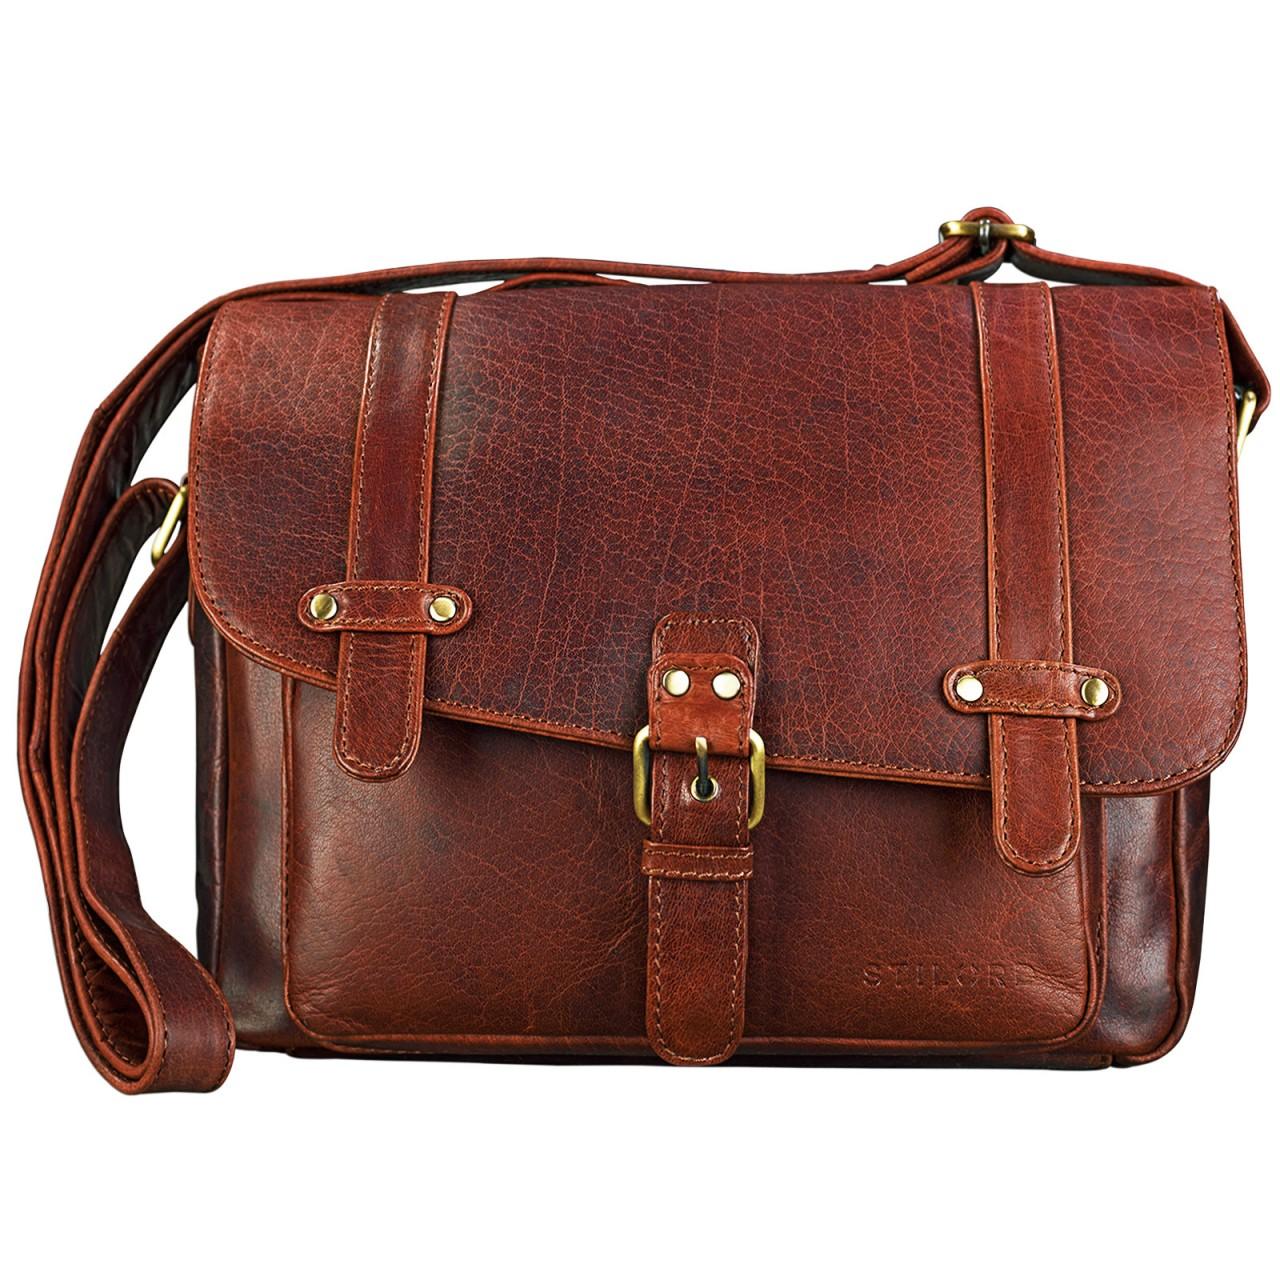 """STILORD """"Lara"""" Vintage Umhängetasche Damen klein Leder Handtasche zum Ausgehen Party Freizeit Umhängetasche Schultertasche 10.1 Zoll Tablettasche echtes Leder - Bild 8"""